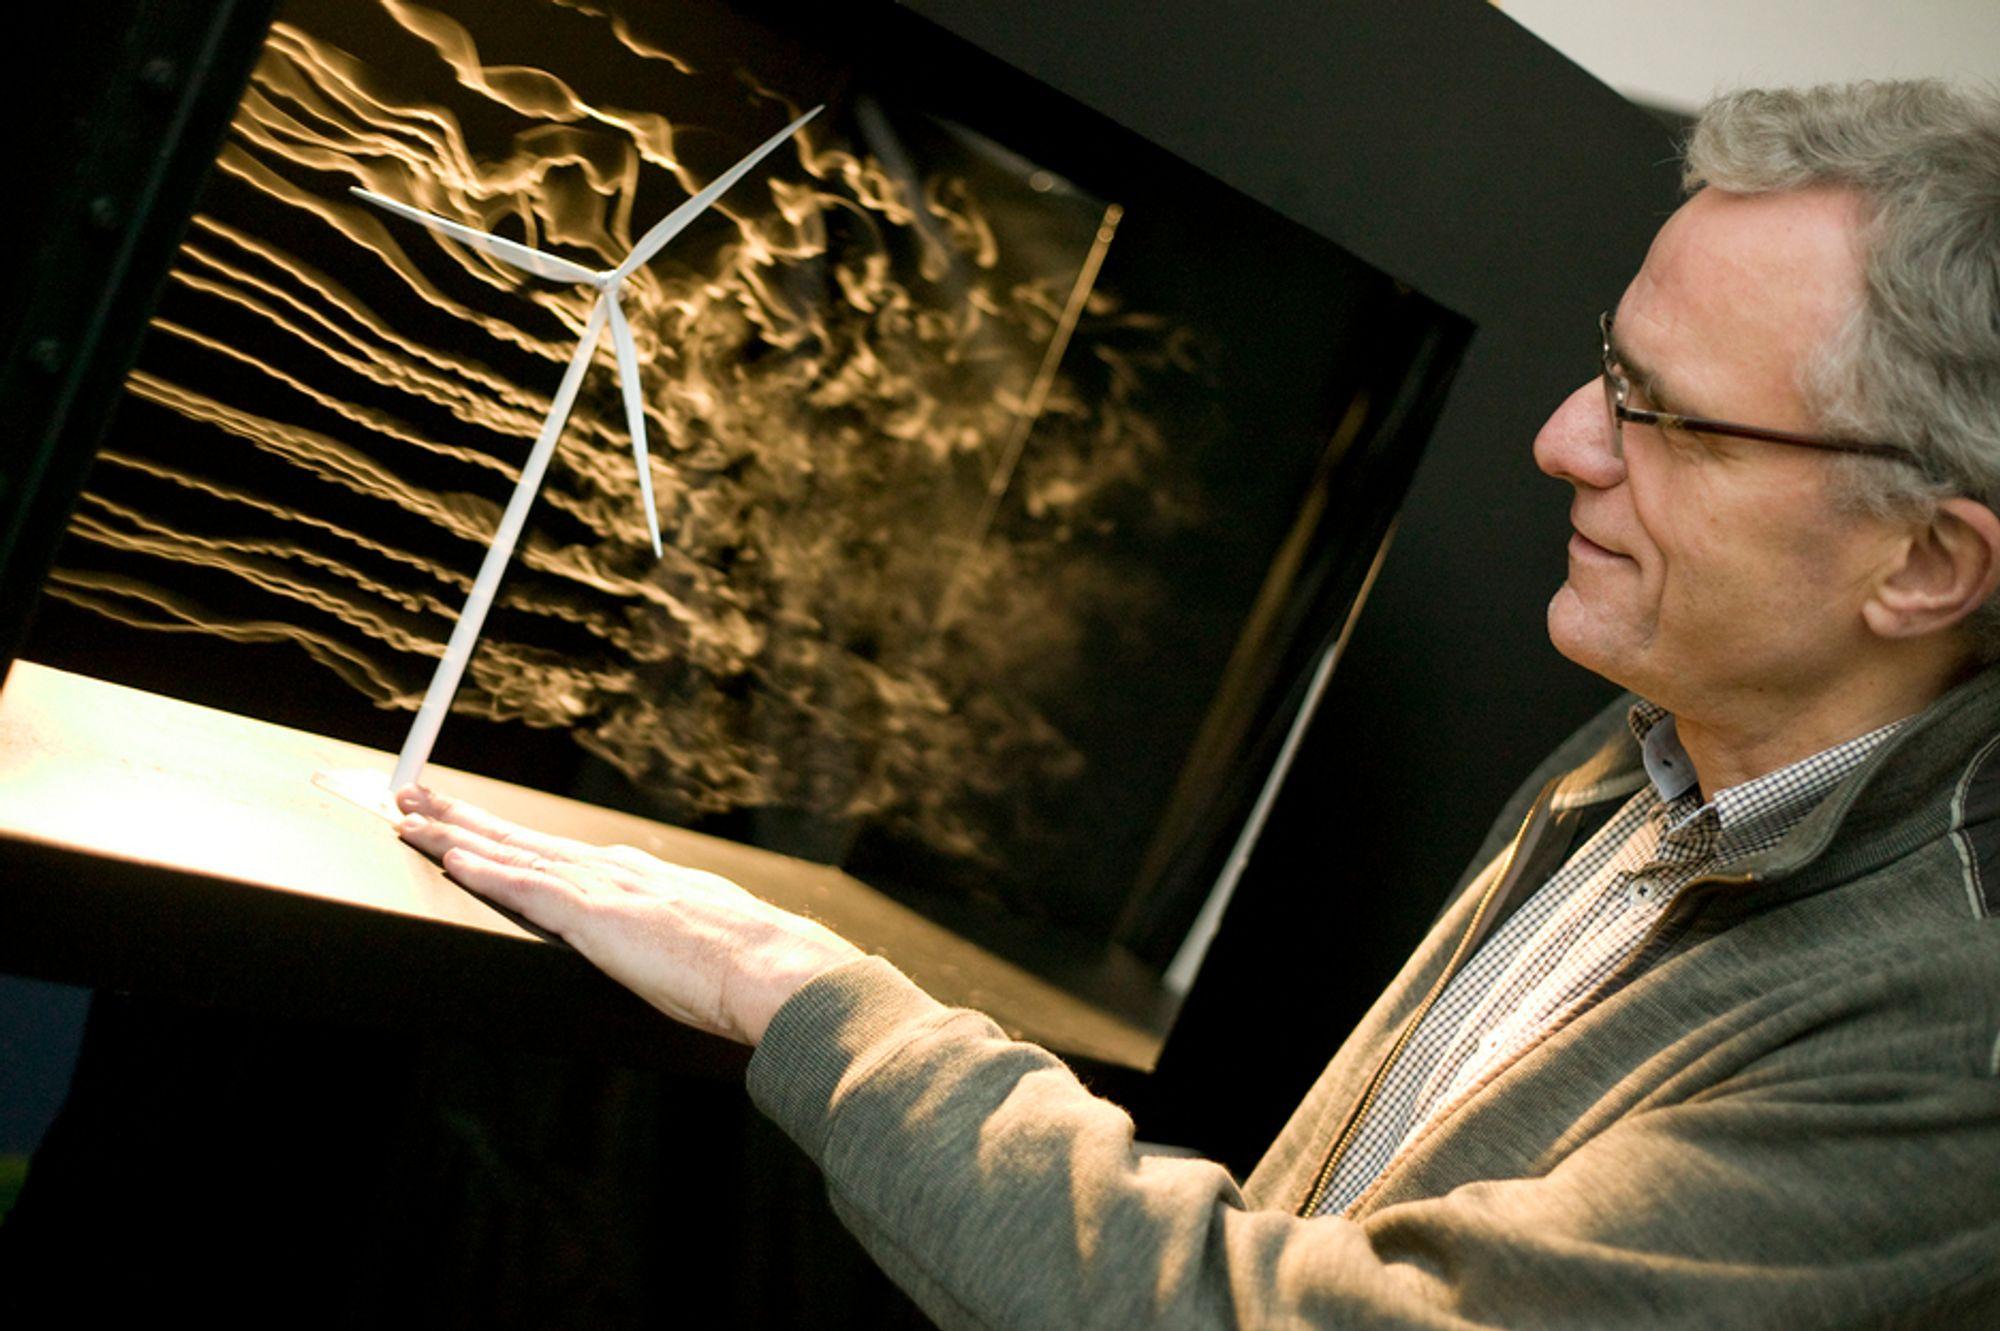 VINDFULLT: Prosjektleder Ove Grande fra SINTEF Energi håper systemet og konseptet på Bornholm kan brukes i andre europeiske land i framtiden.